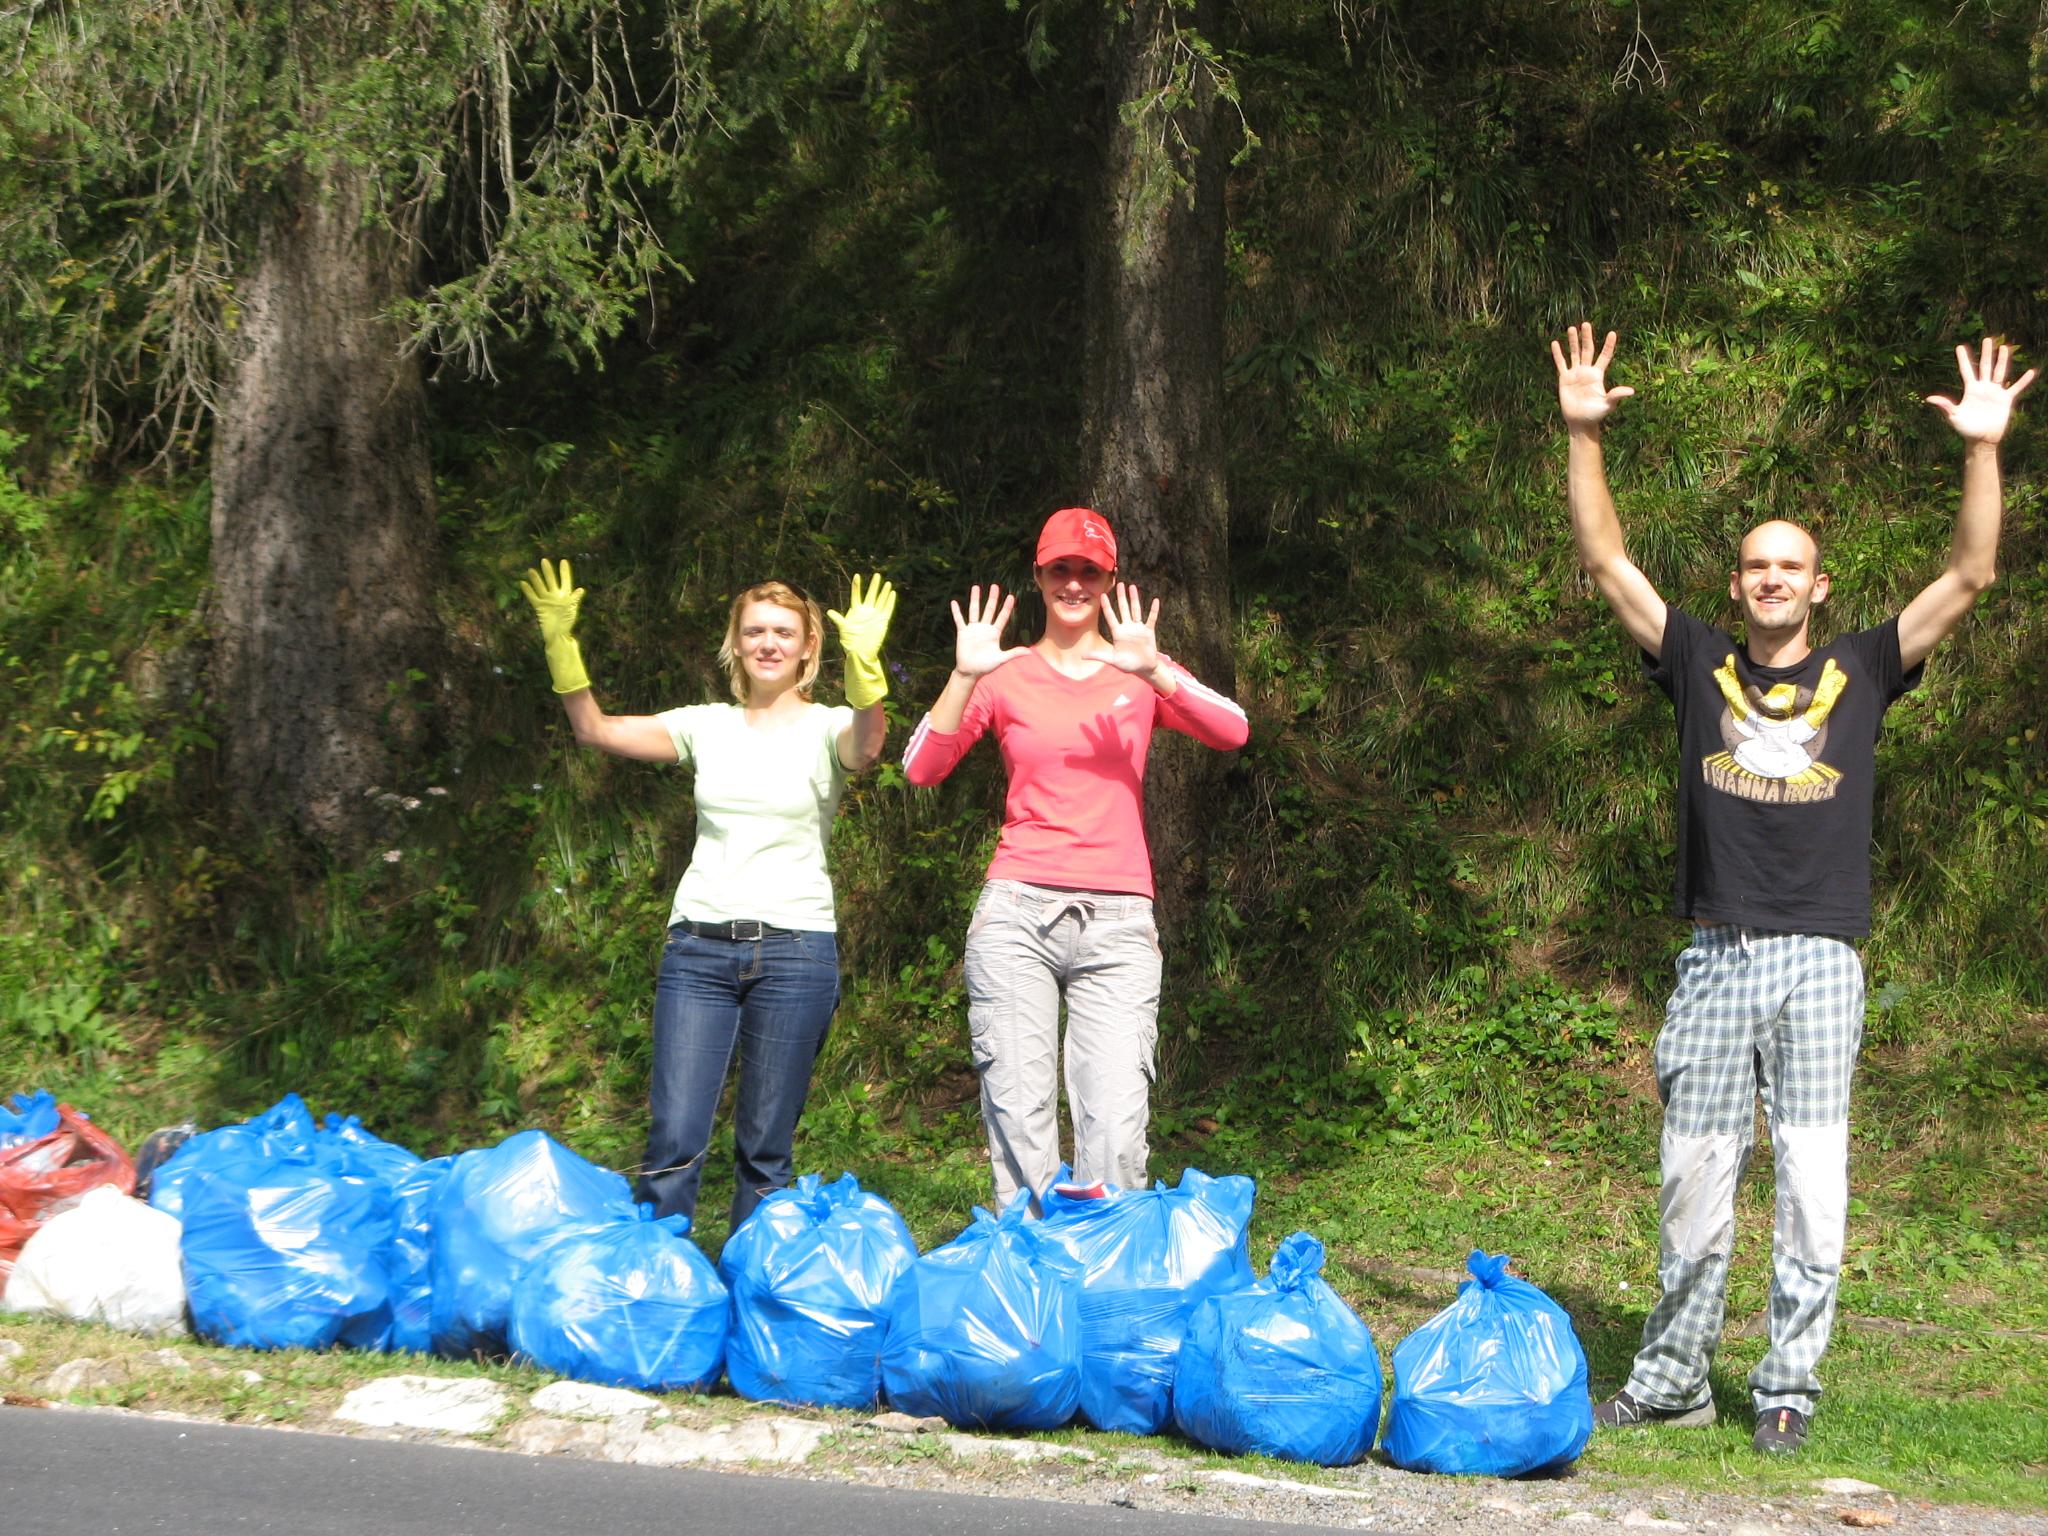 Peste cinci mii de saci cu deşeuri au fost strânşi în Harghita, la campania de igienizare Let's do it Romania, numărul de voluntari depăşind cu mult aşteptările organizatorilor.